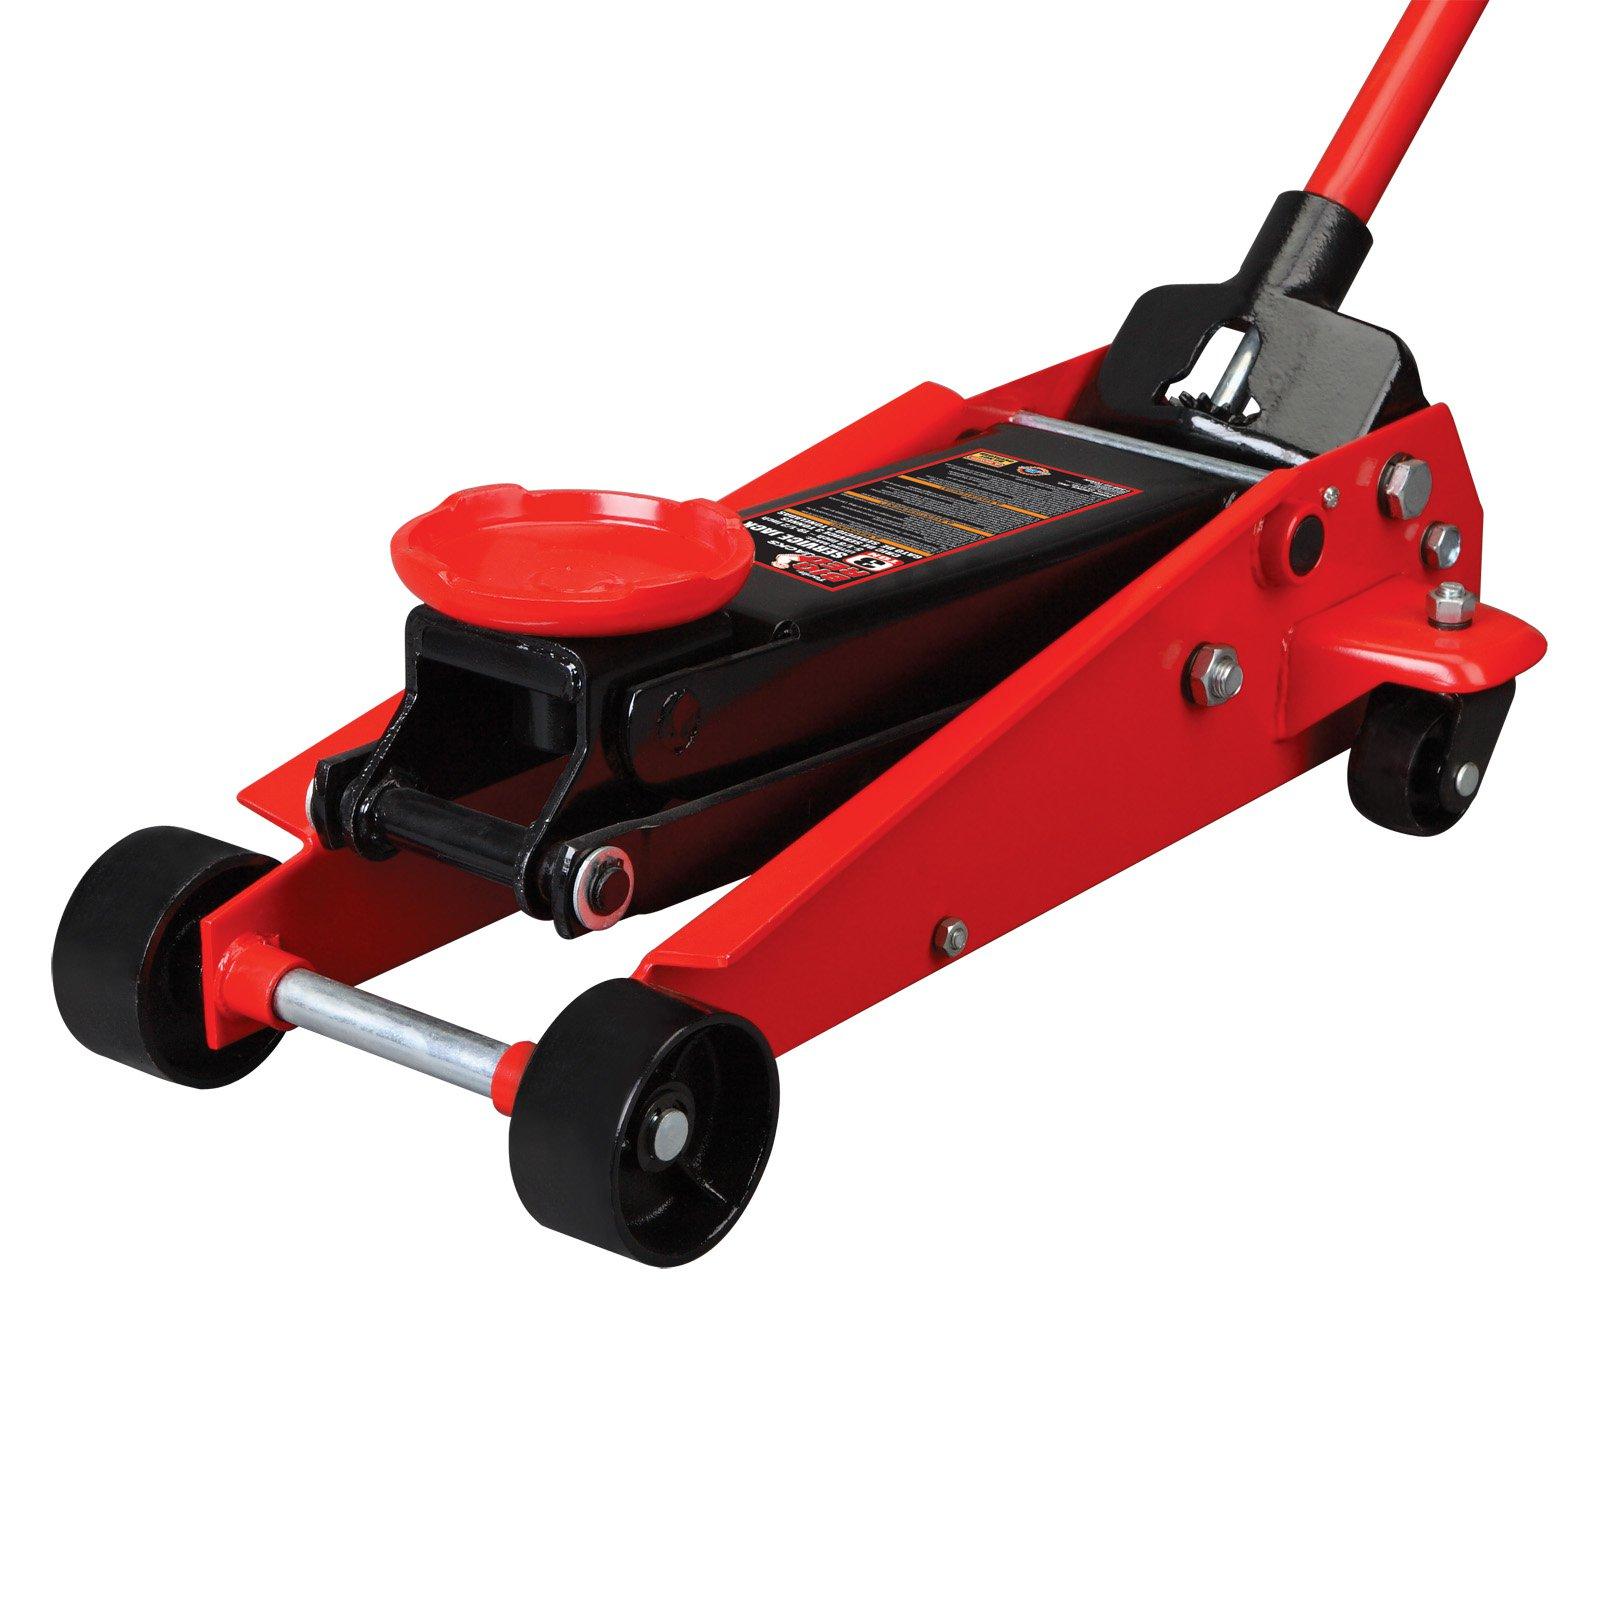 Torin Big Red T83002 3 Ton Pro Series 6000 Garage Jack